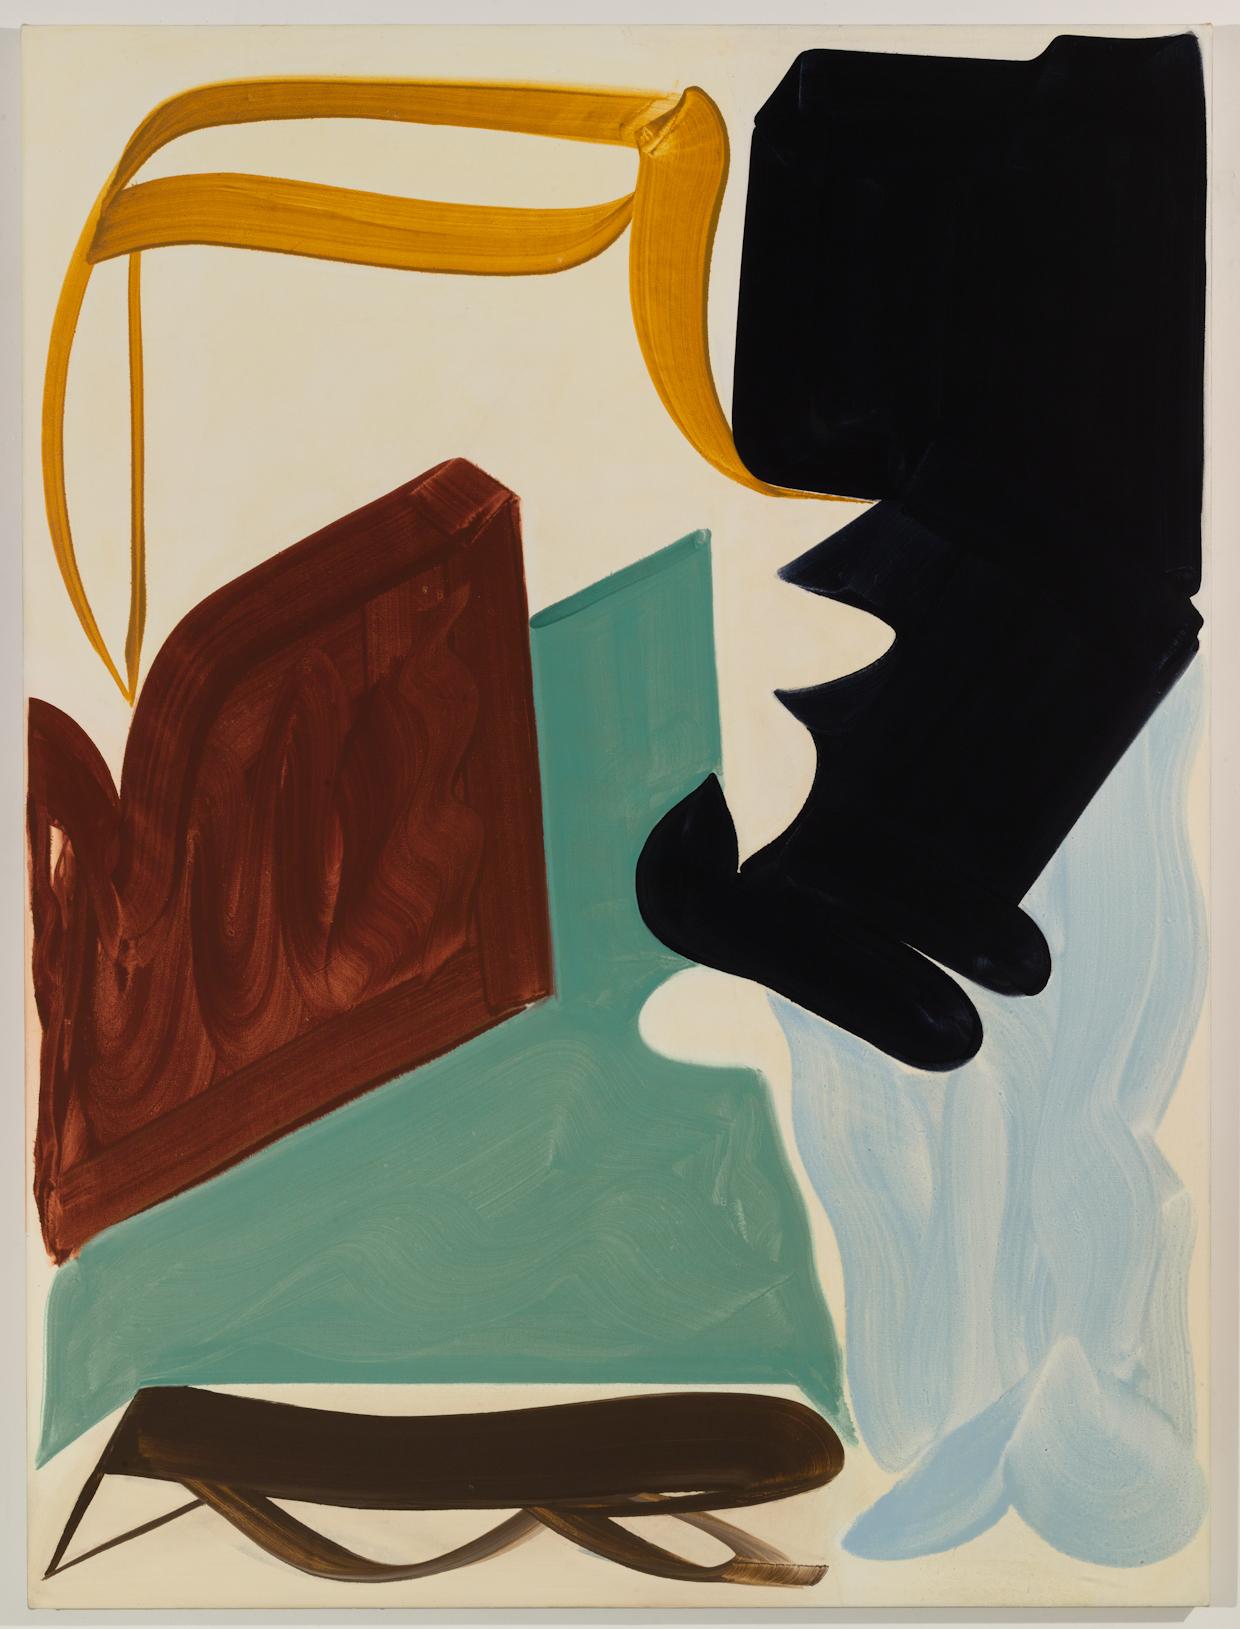 Patricia Treib, Hunters, 2016, oil on canvas, 72 x 54 inches